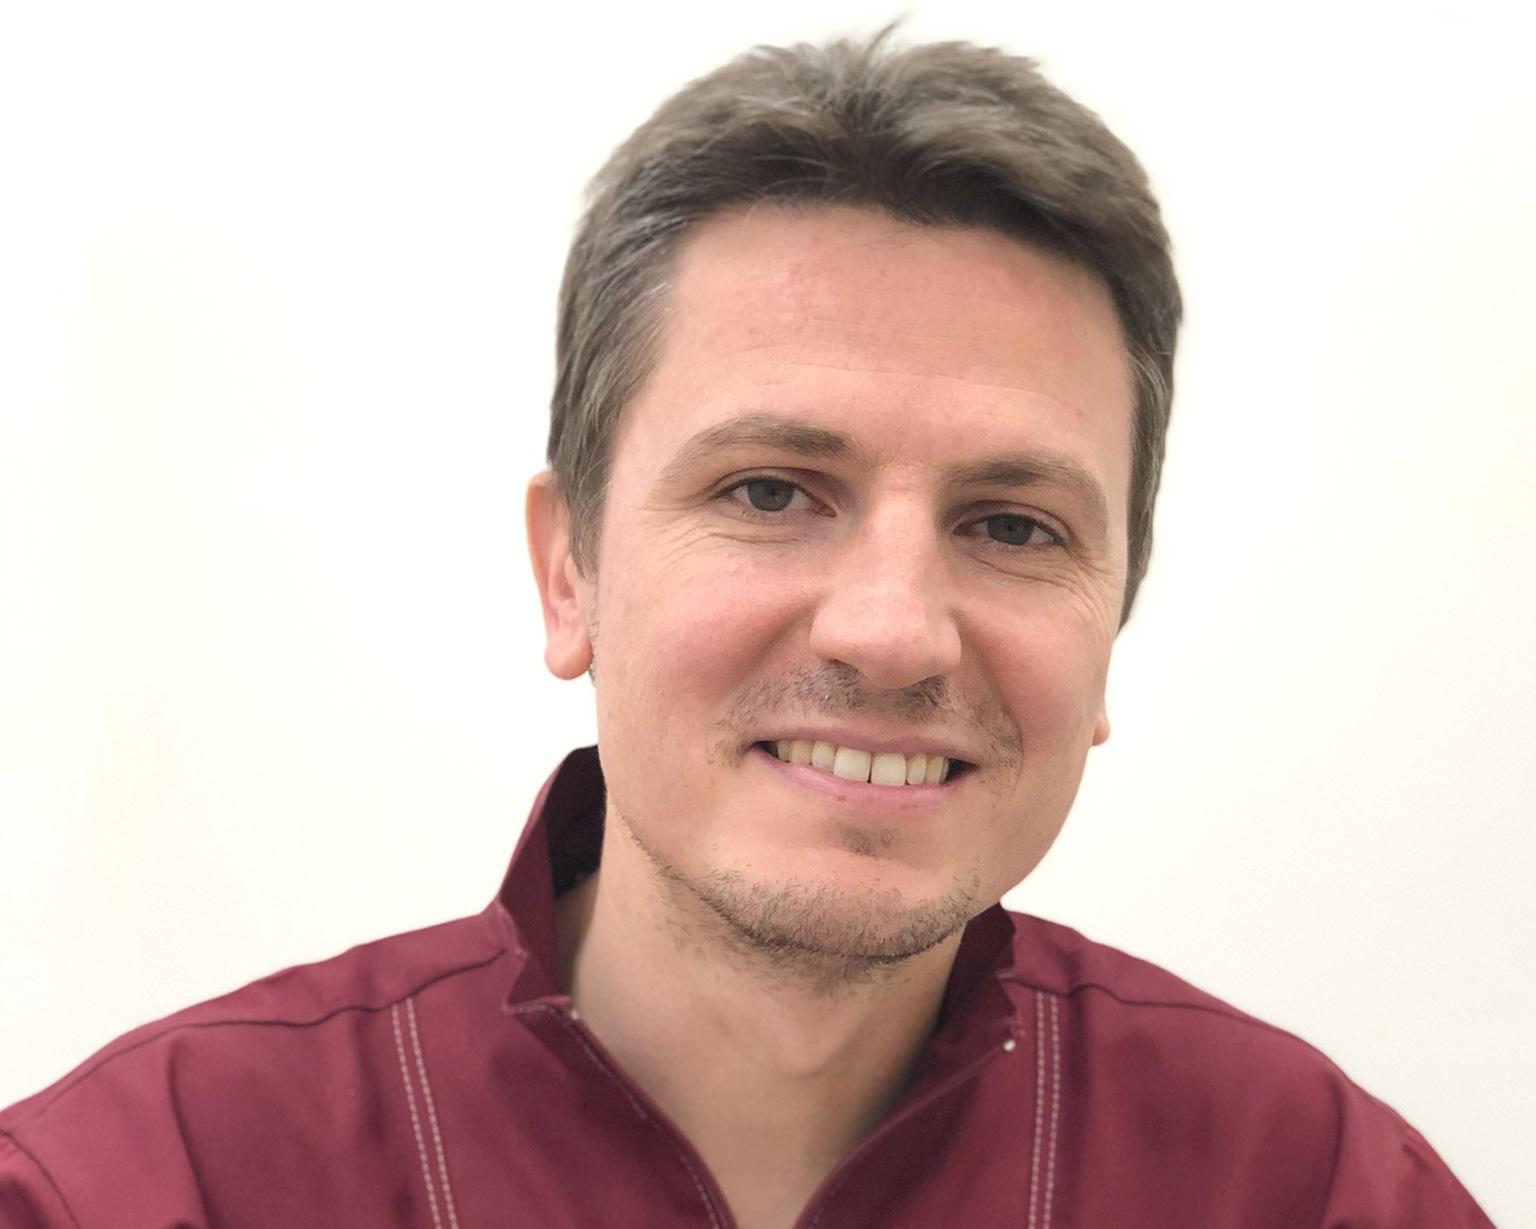 Stefano Breggion